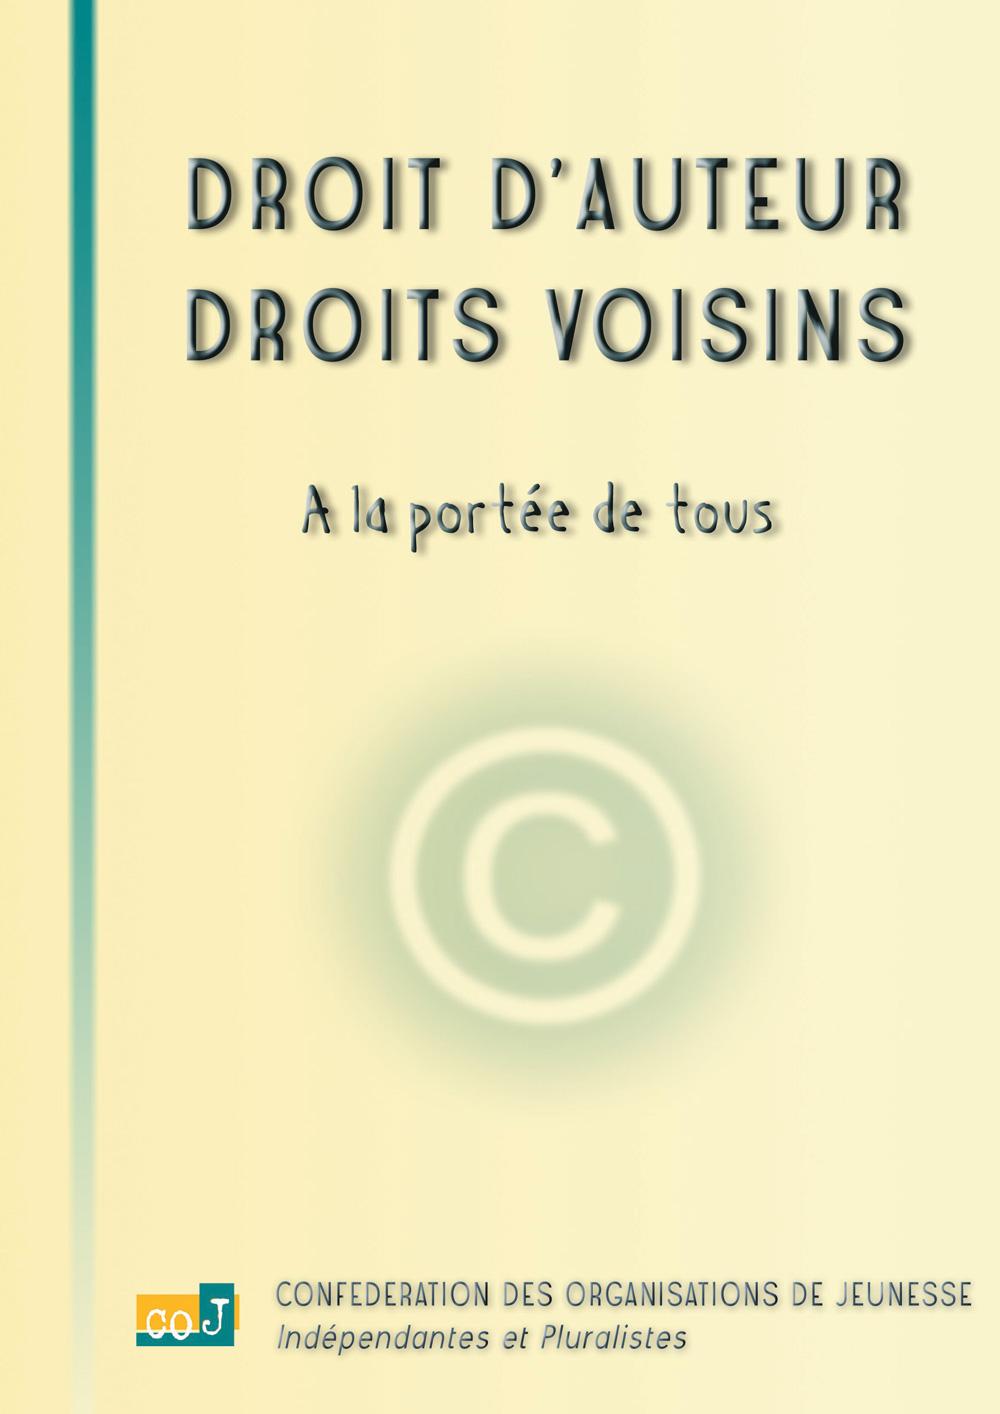 Droit d'auteur, droits voisins